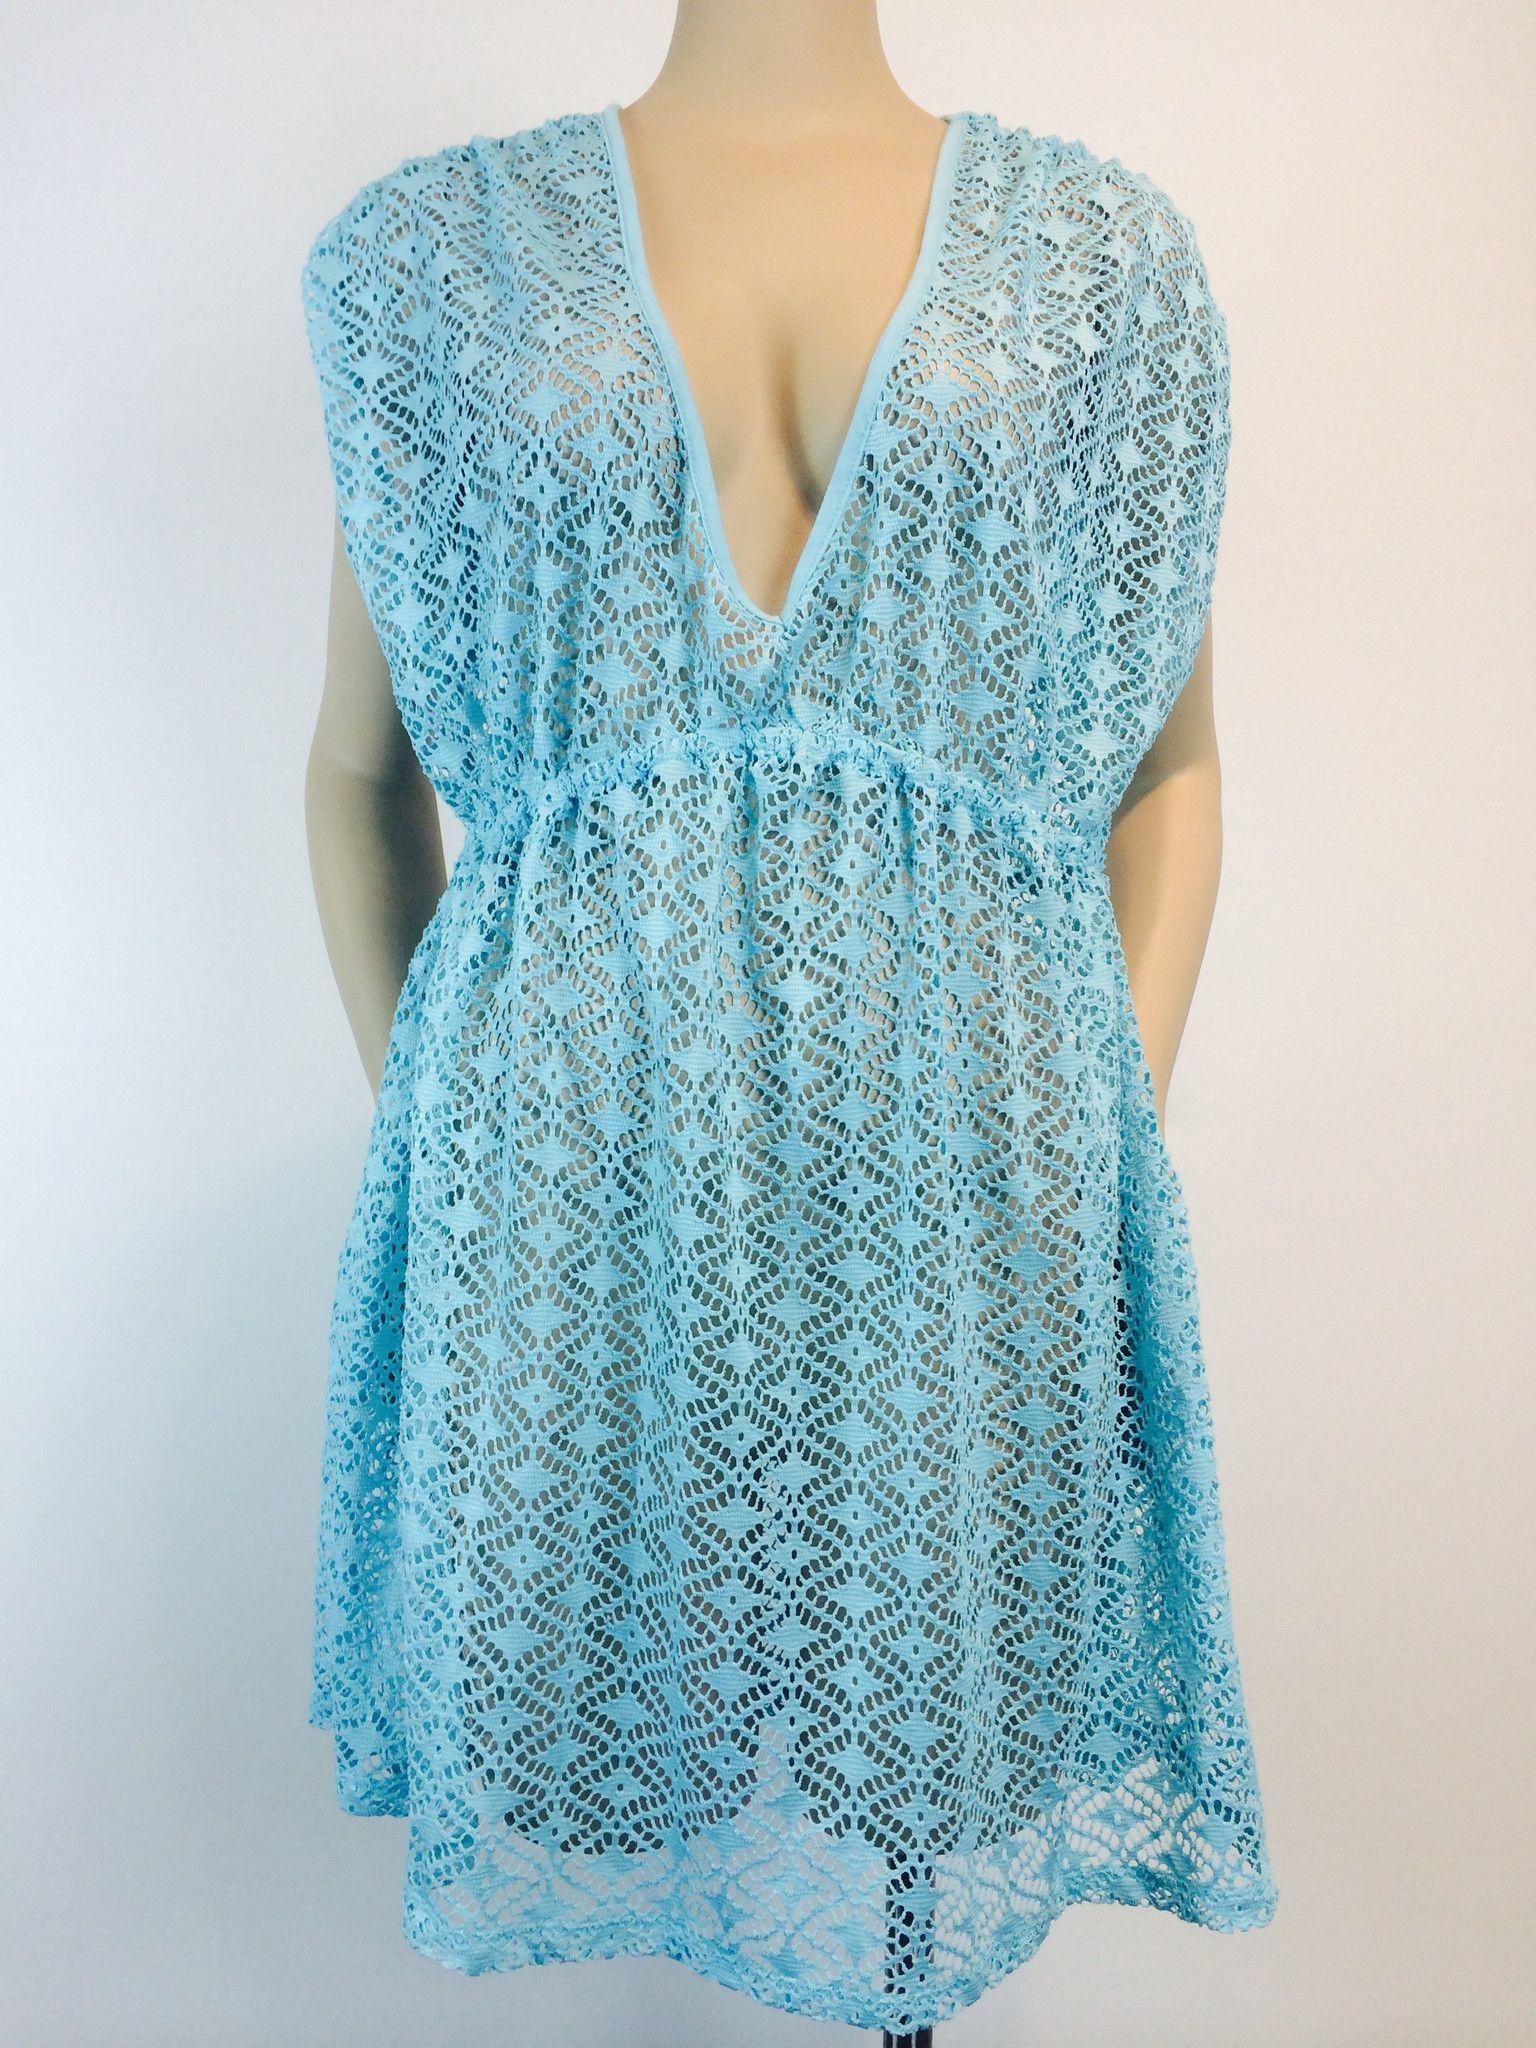 Vexy Aqua Crochet Cover Up XL